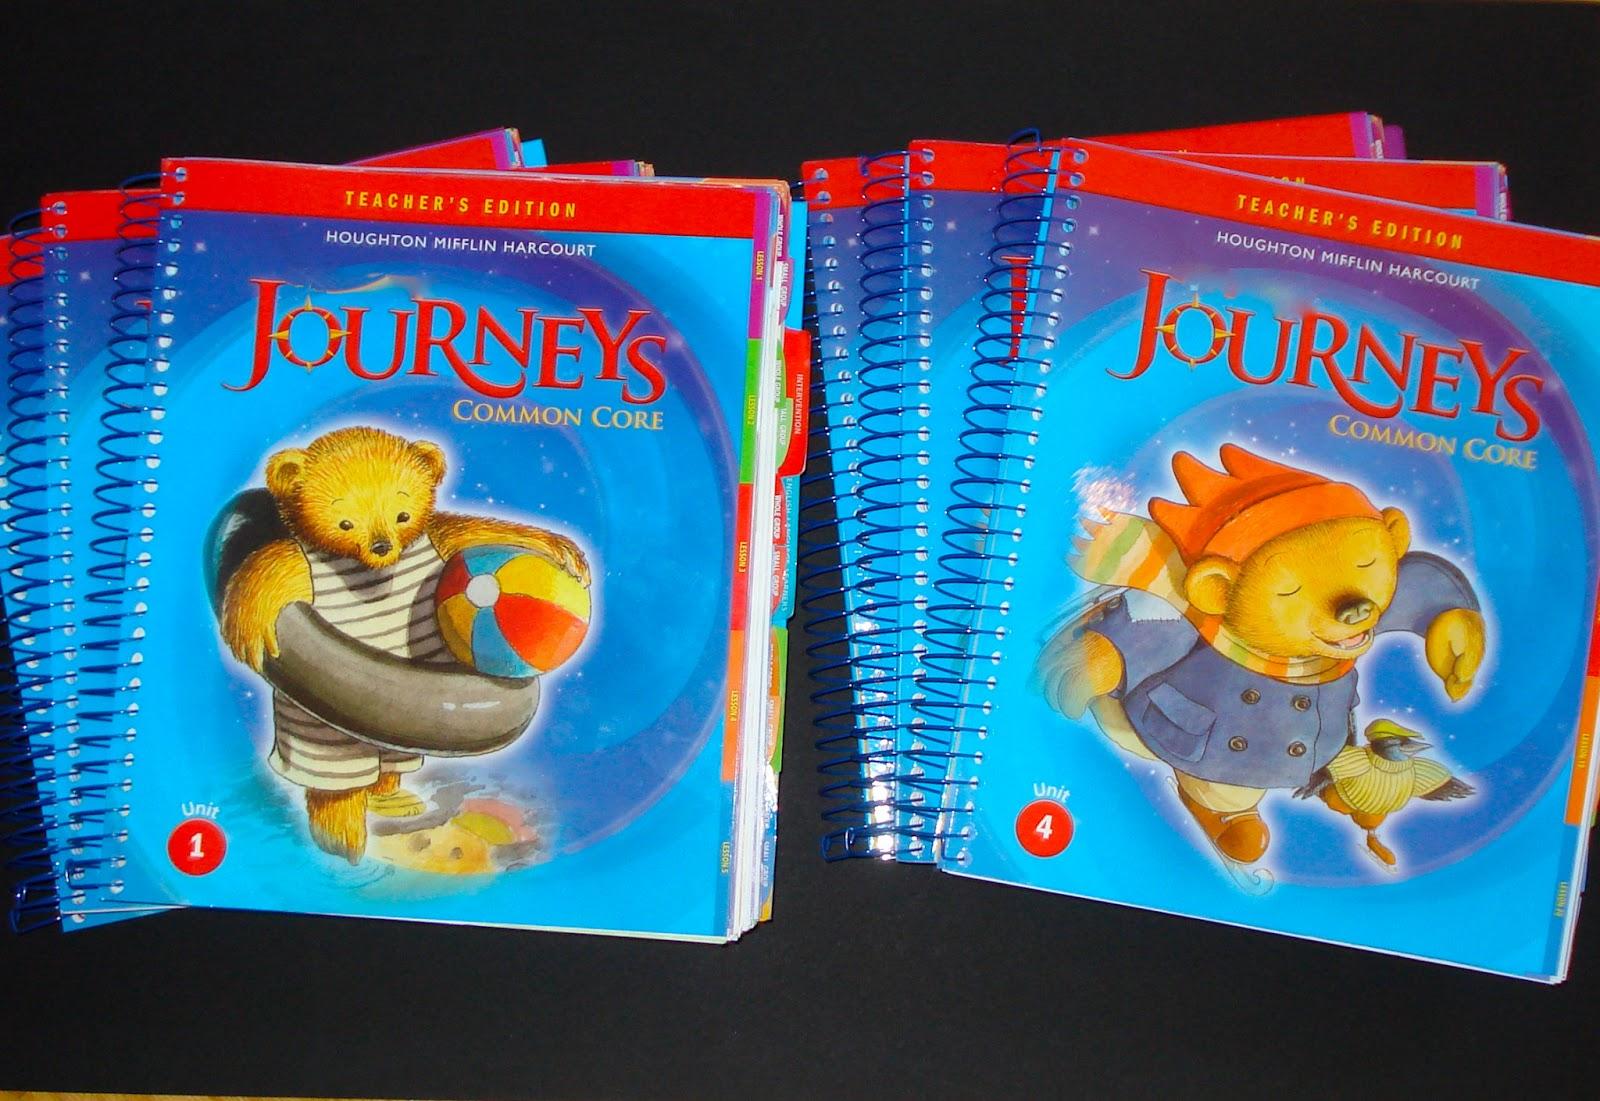 Journeys Common Core 5th Grade Reading Book